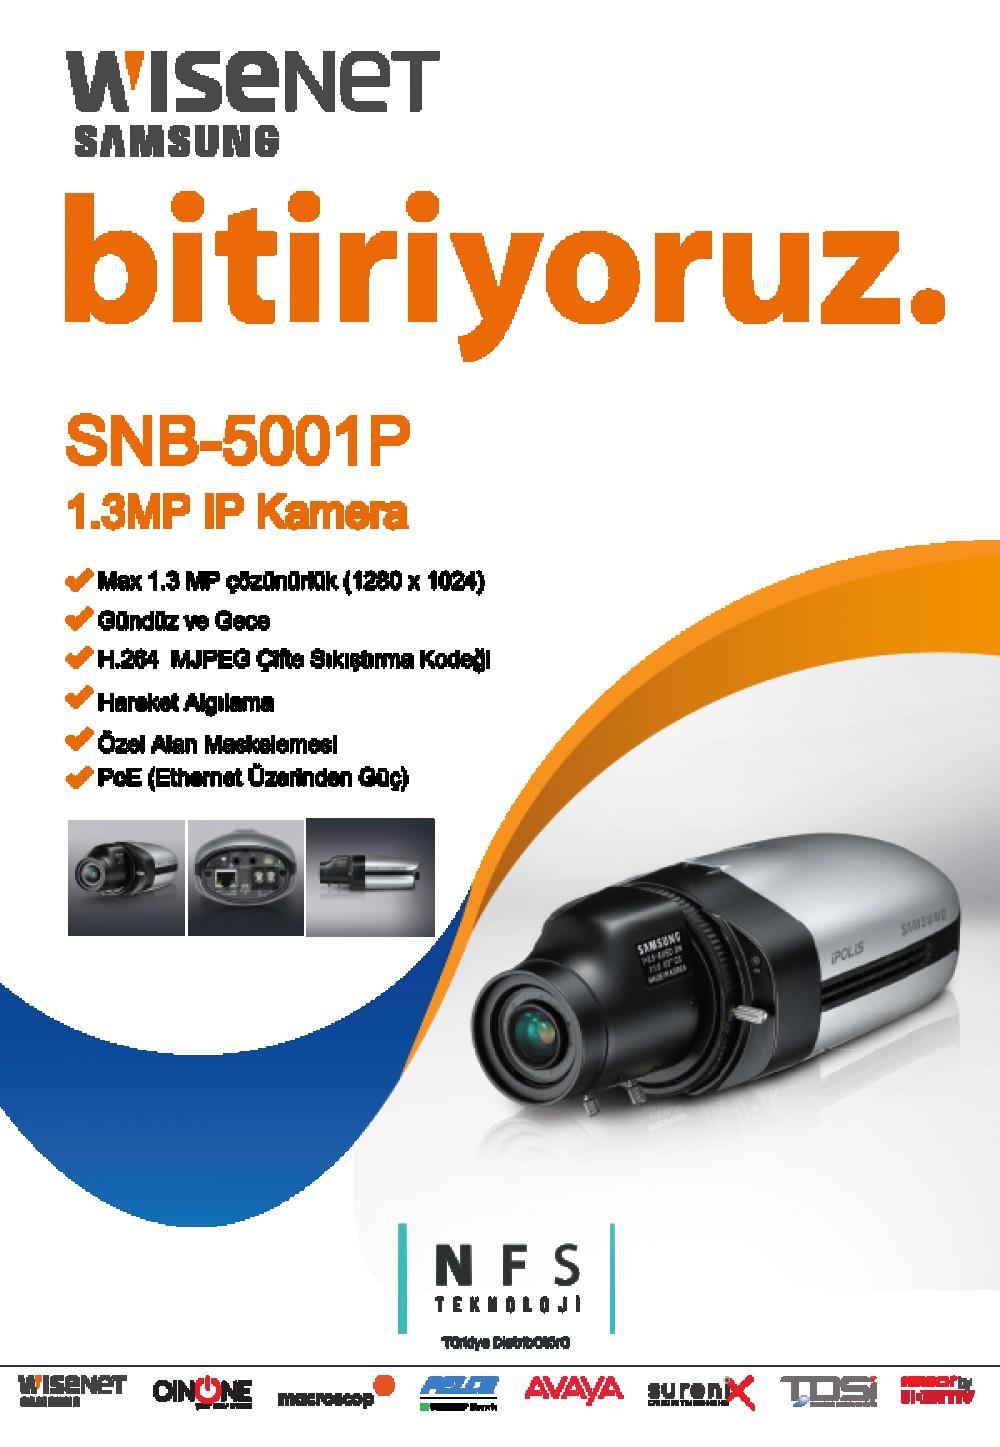 Samsung Wisenet SNB-5001P